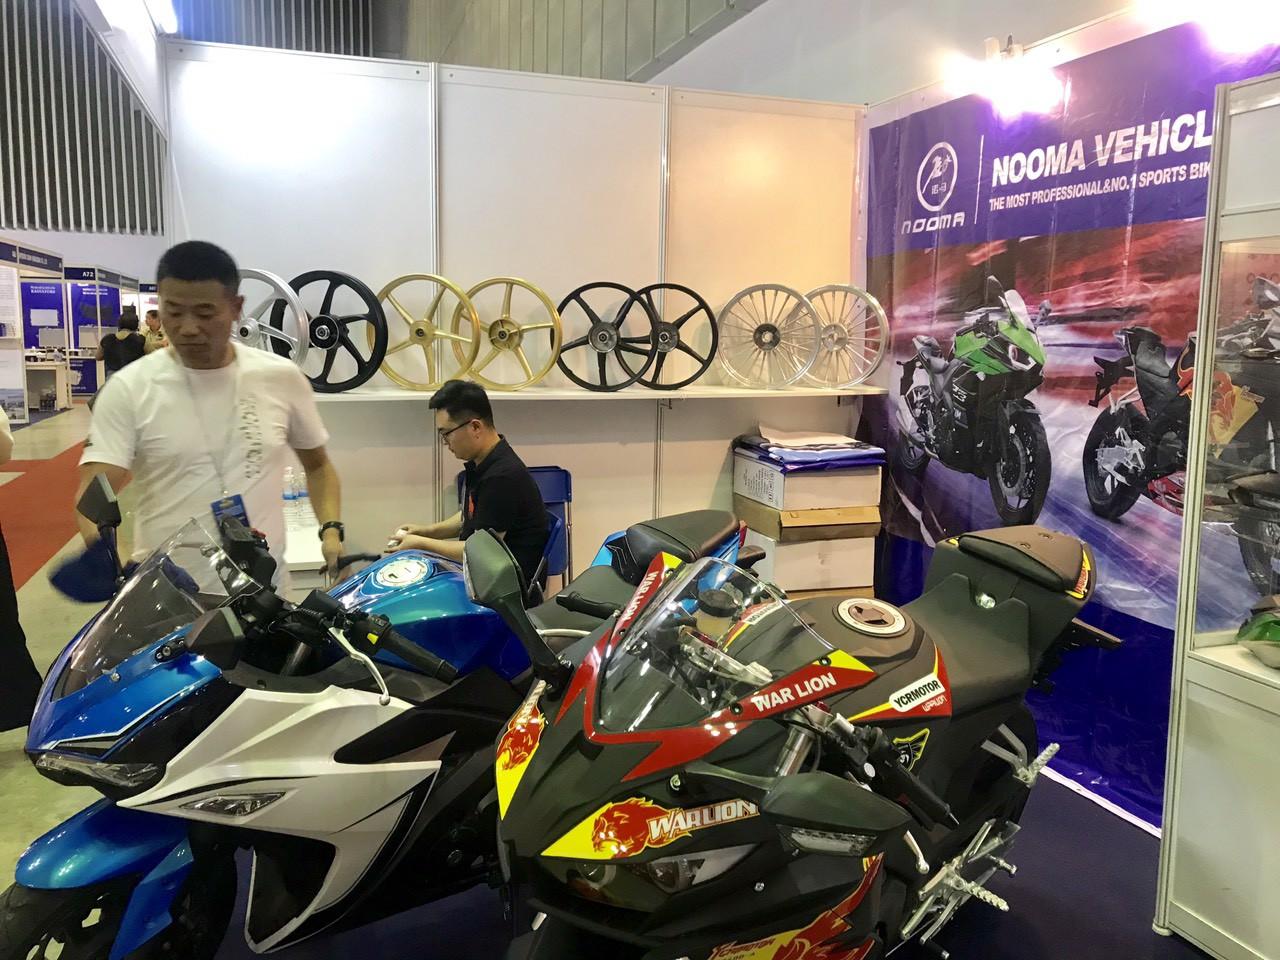 Tỉ lệ nội địa hóa sản phẩm công nghiệp hỗ trợ mới chỉ đạt 10 – 15%, doanh nghiệp Việt tìm cú hích mới - Ảnh 1.